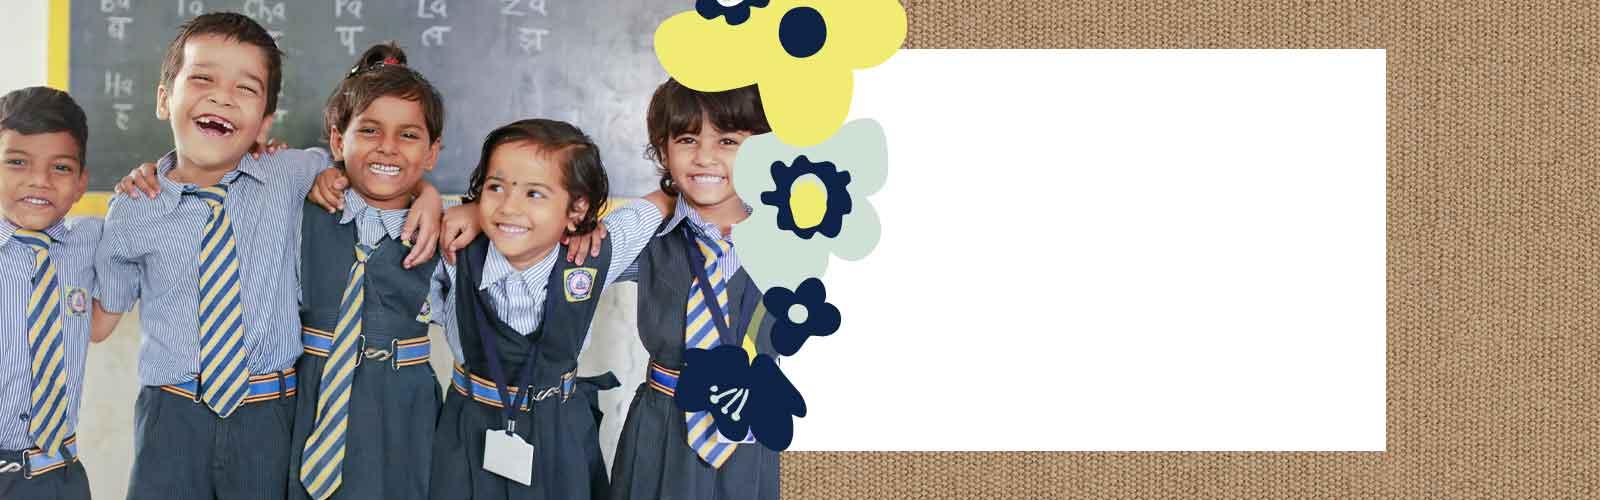 Visual of children